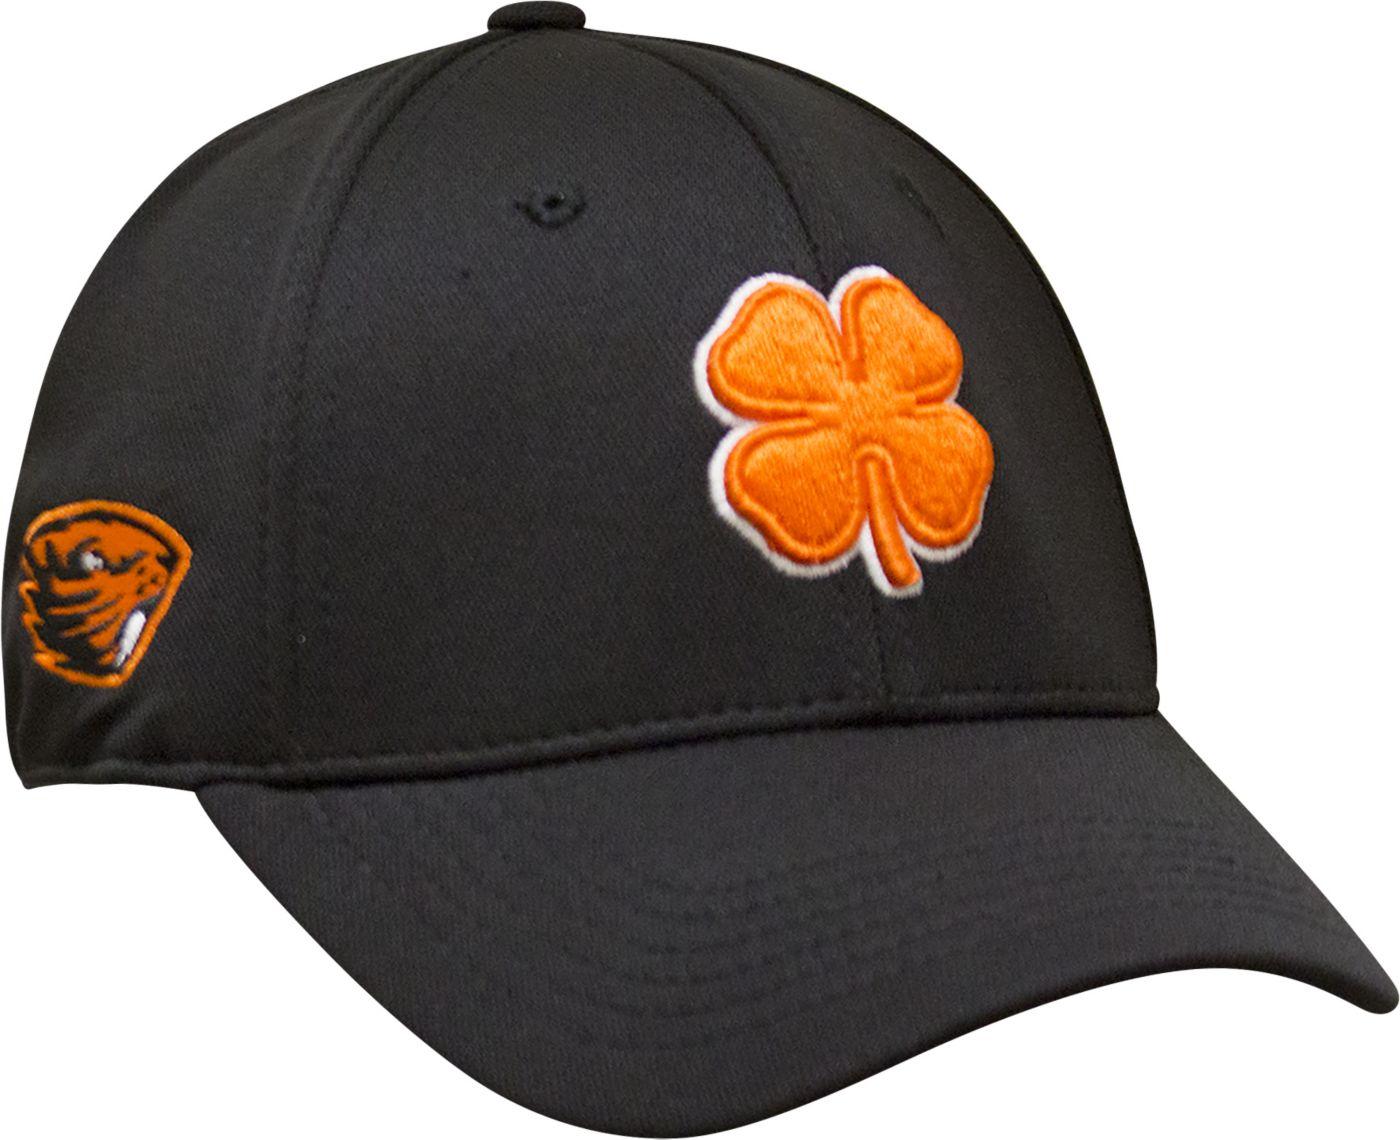 Black Clover Oregon State Beavers Collegiate Premium Hat